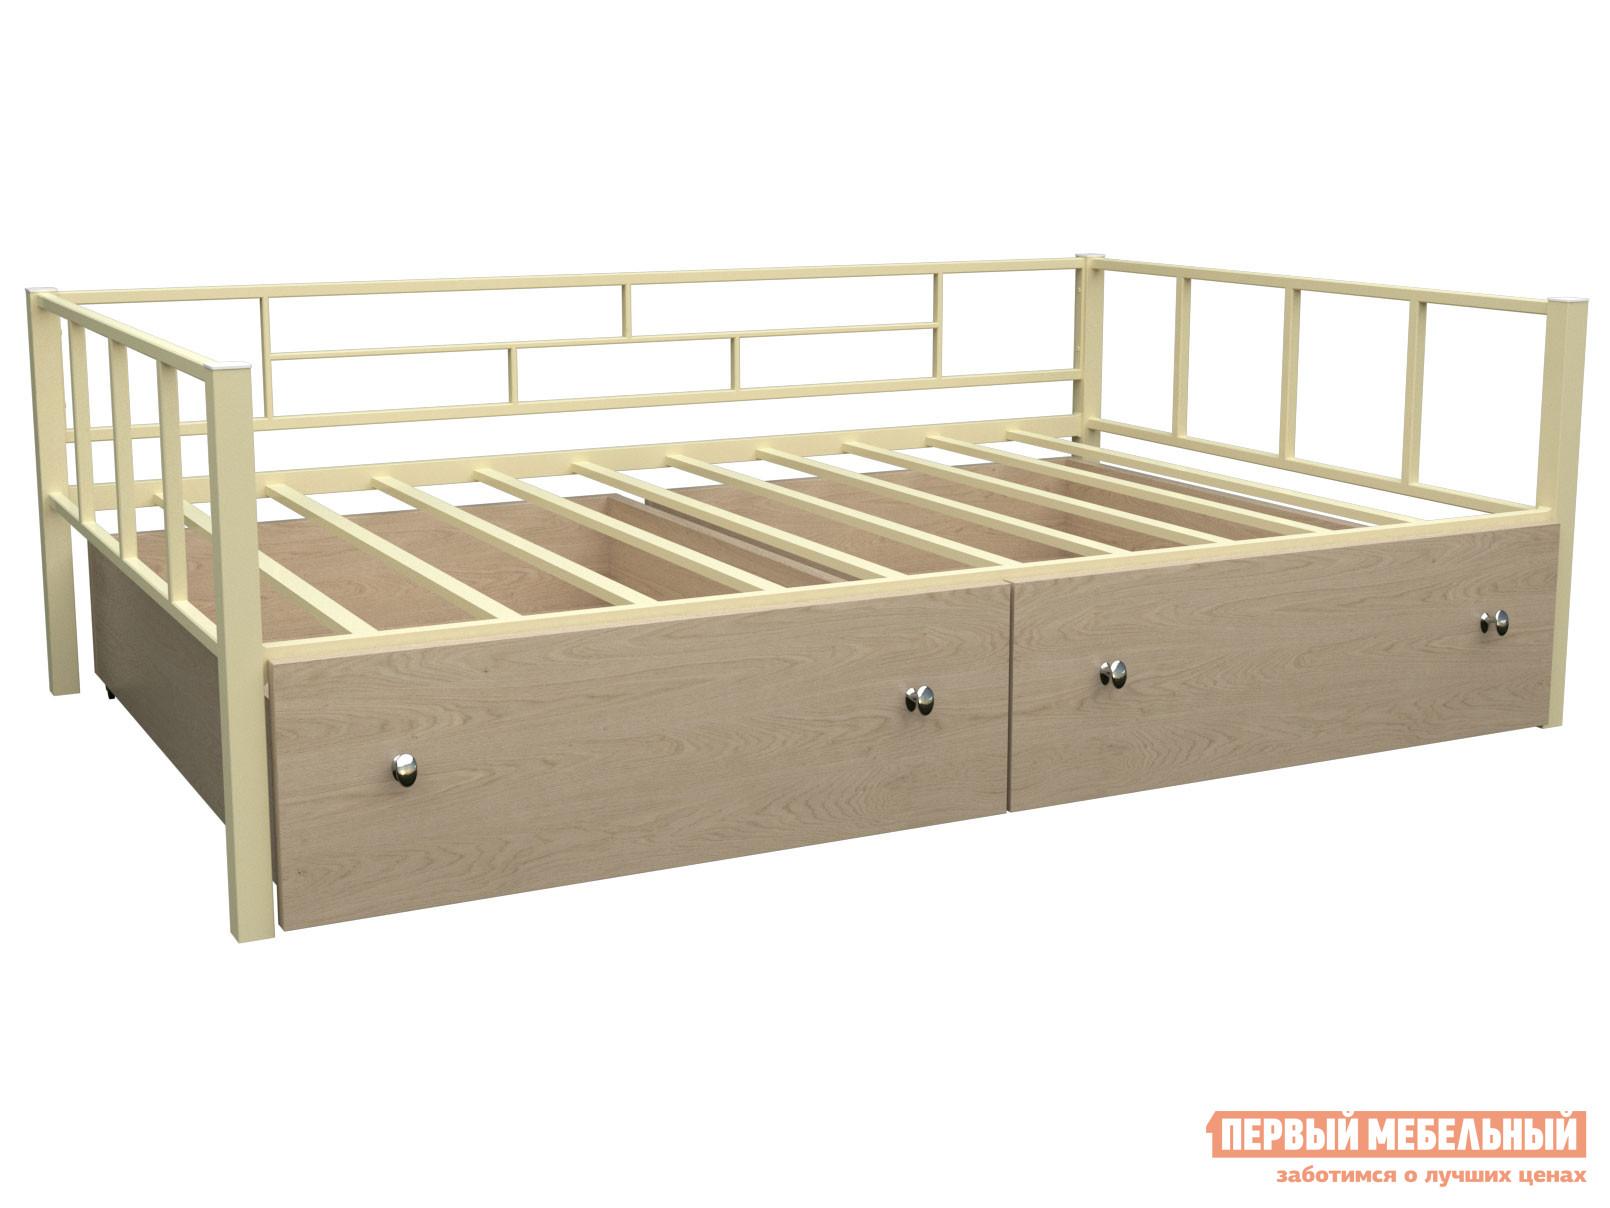 Детская кровать МФ 4 Сезона Кровать Арга 120 с ящиками